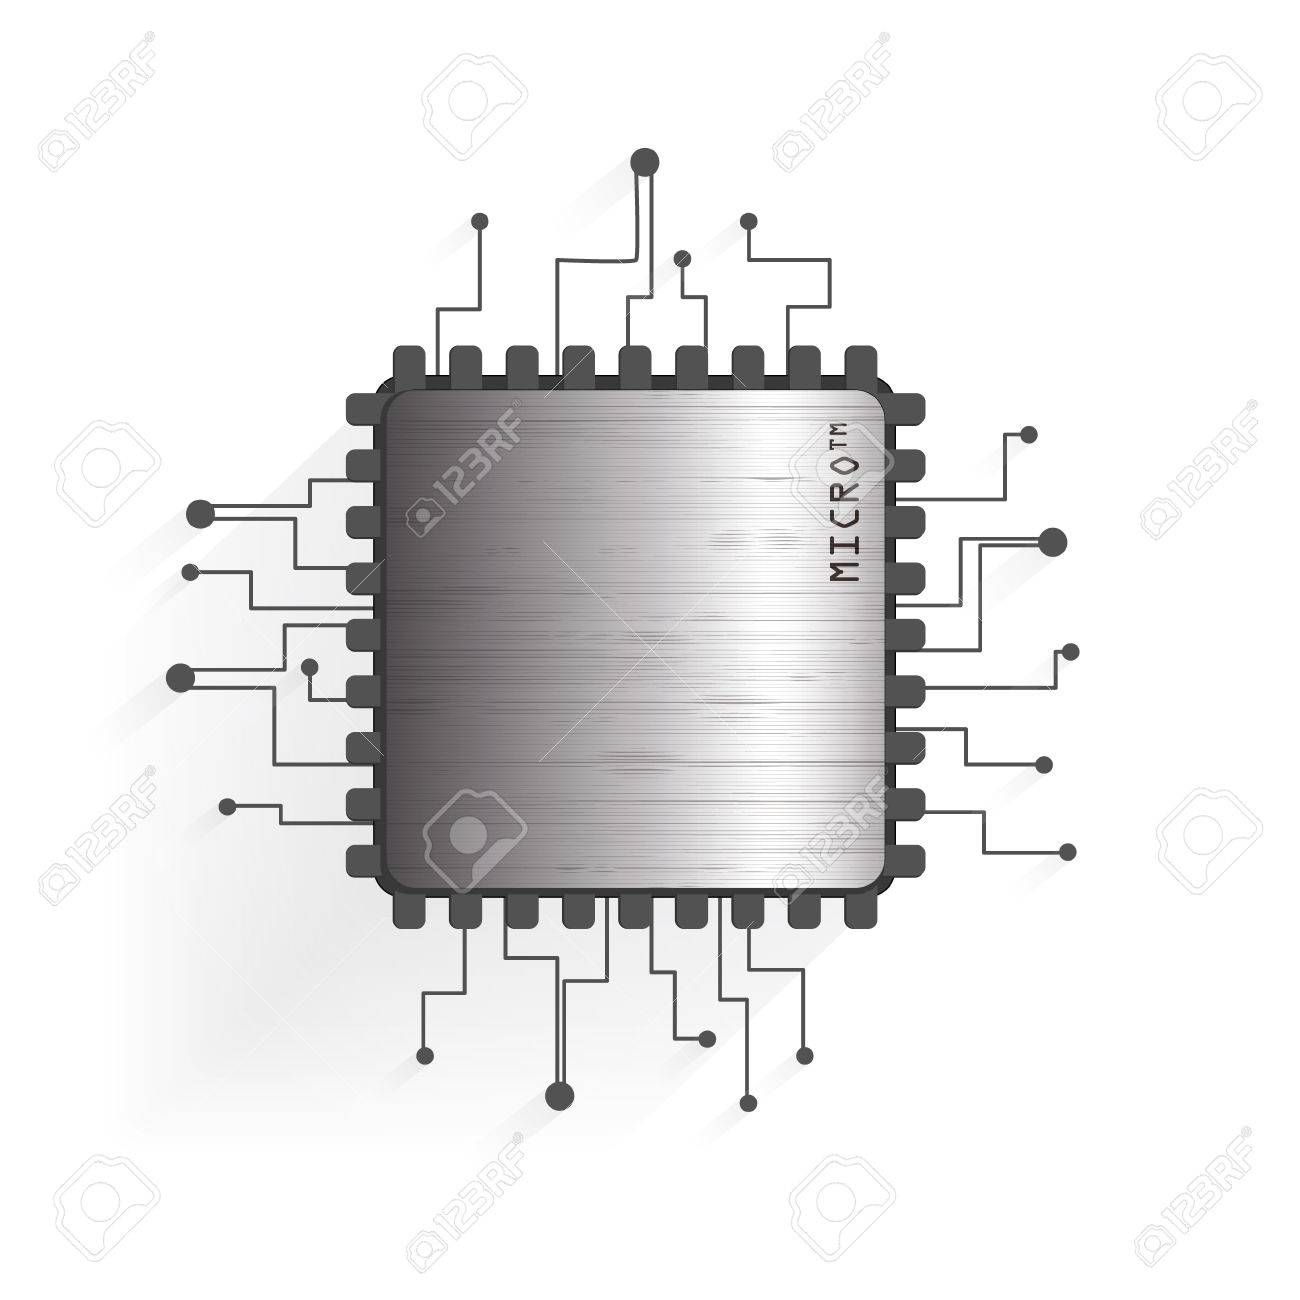 Circuito Transistor : Un diagrama esquemático del circuito el transistor electrónico